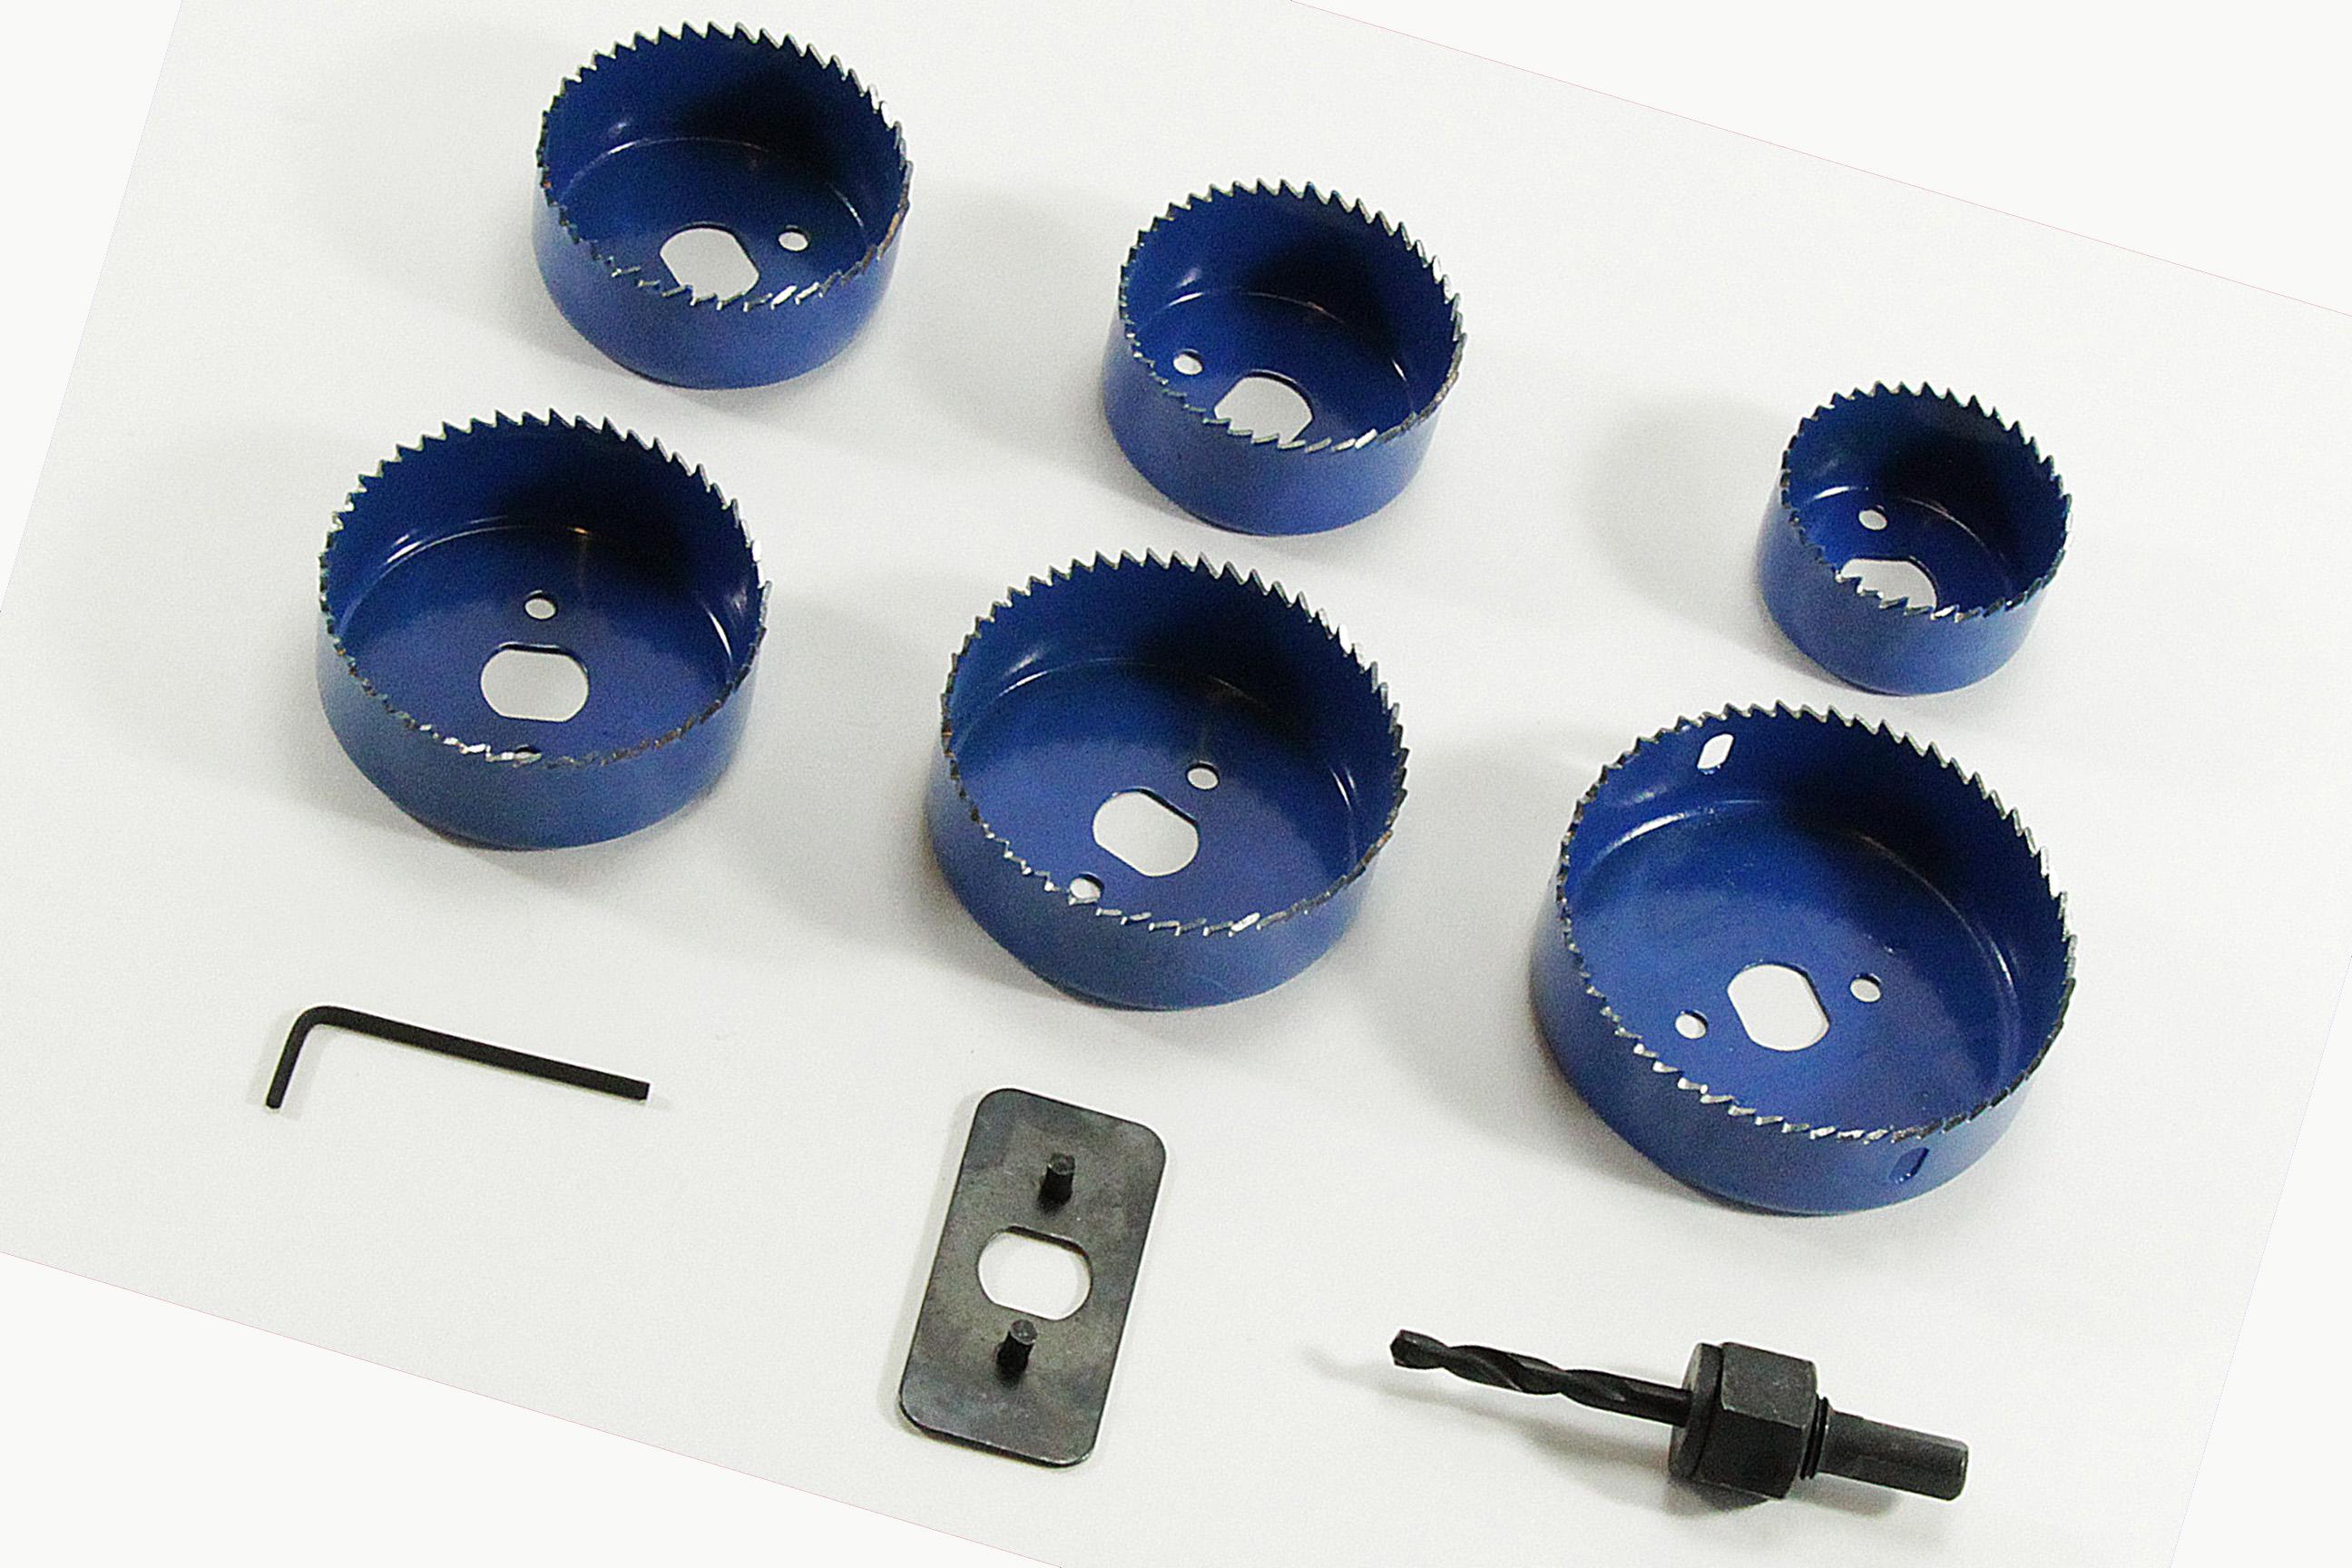 200X 5x7cm Druckverschluss Druckverschlussbeutel Wiederverwendbar Zip Tüten